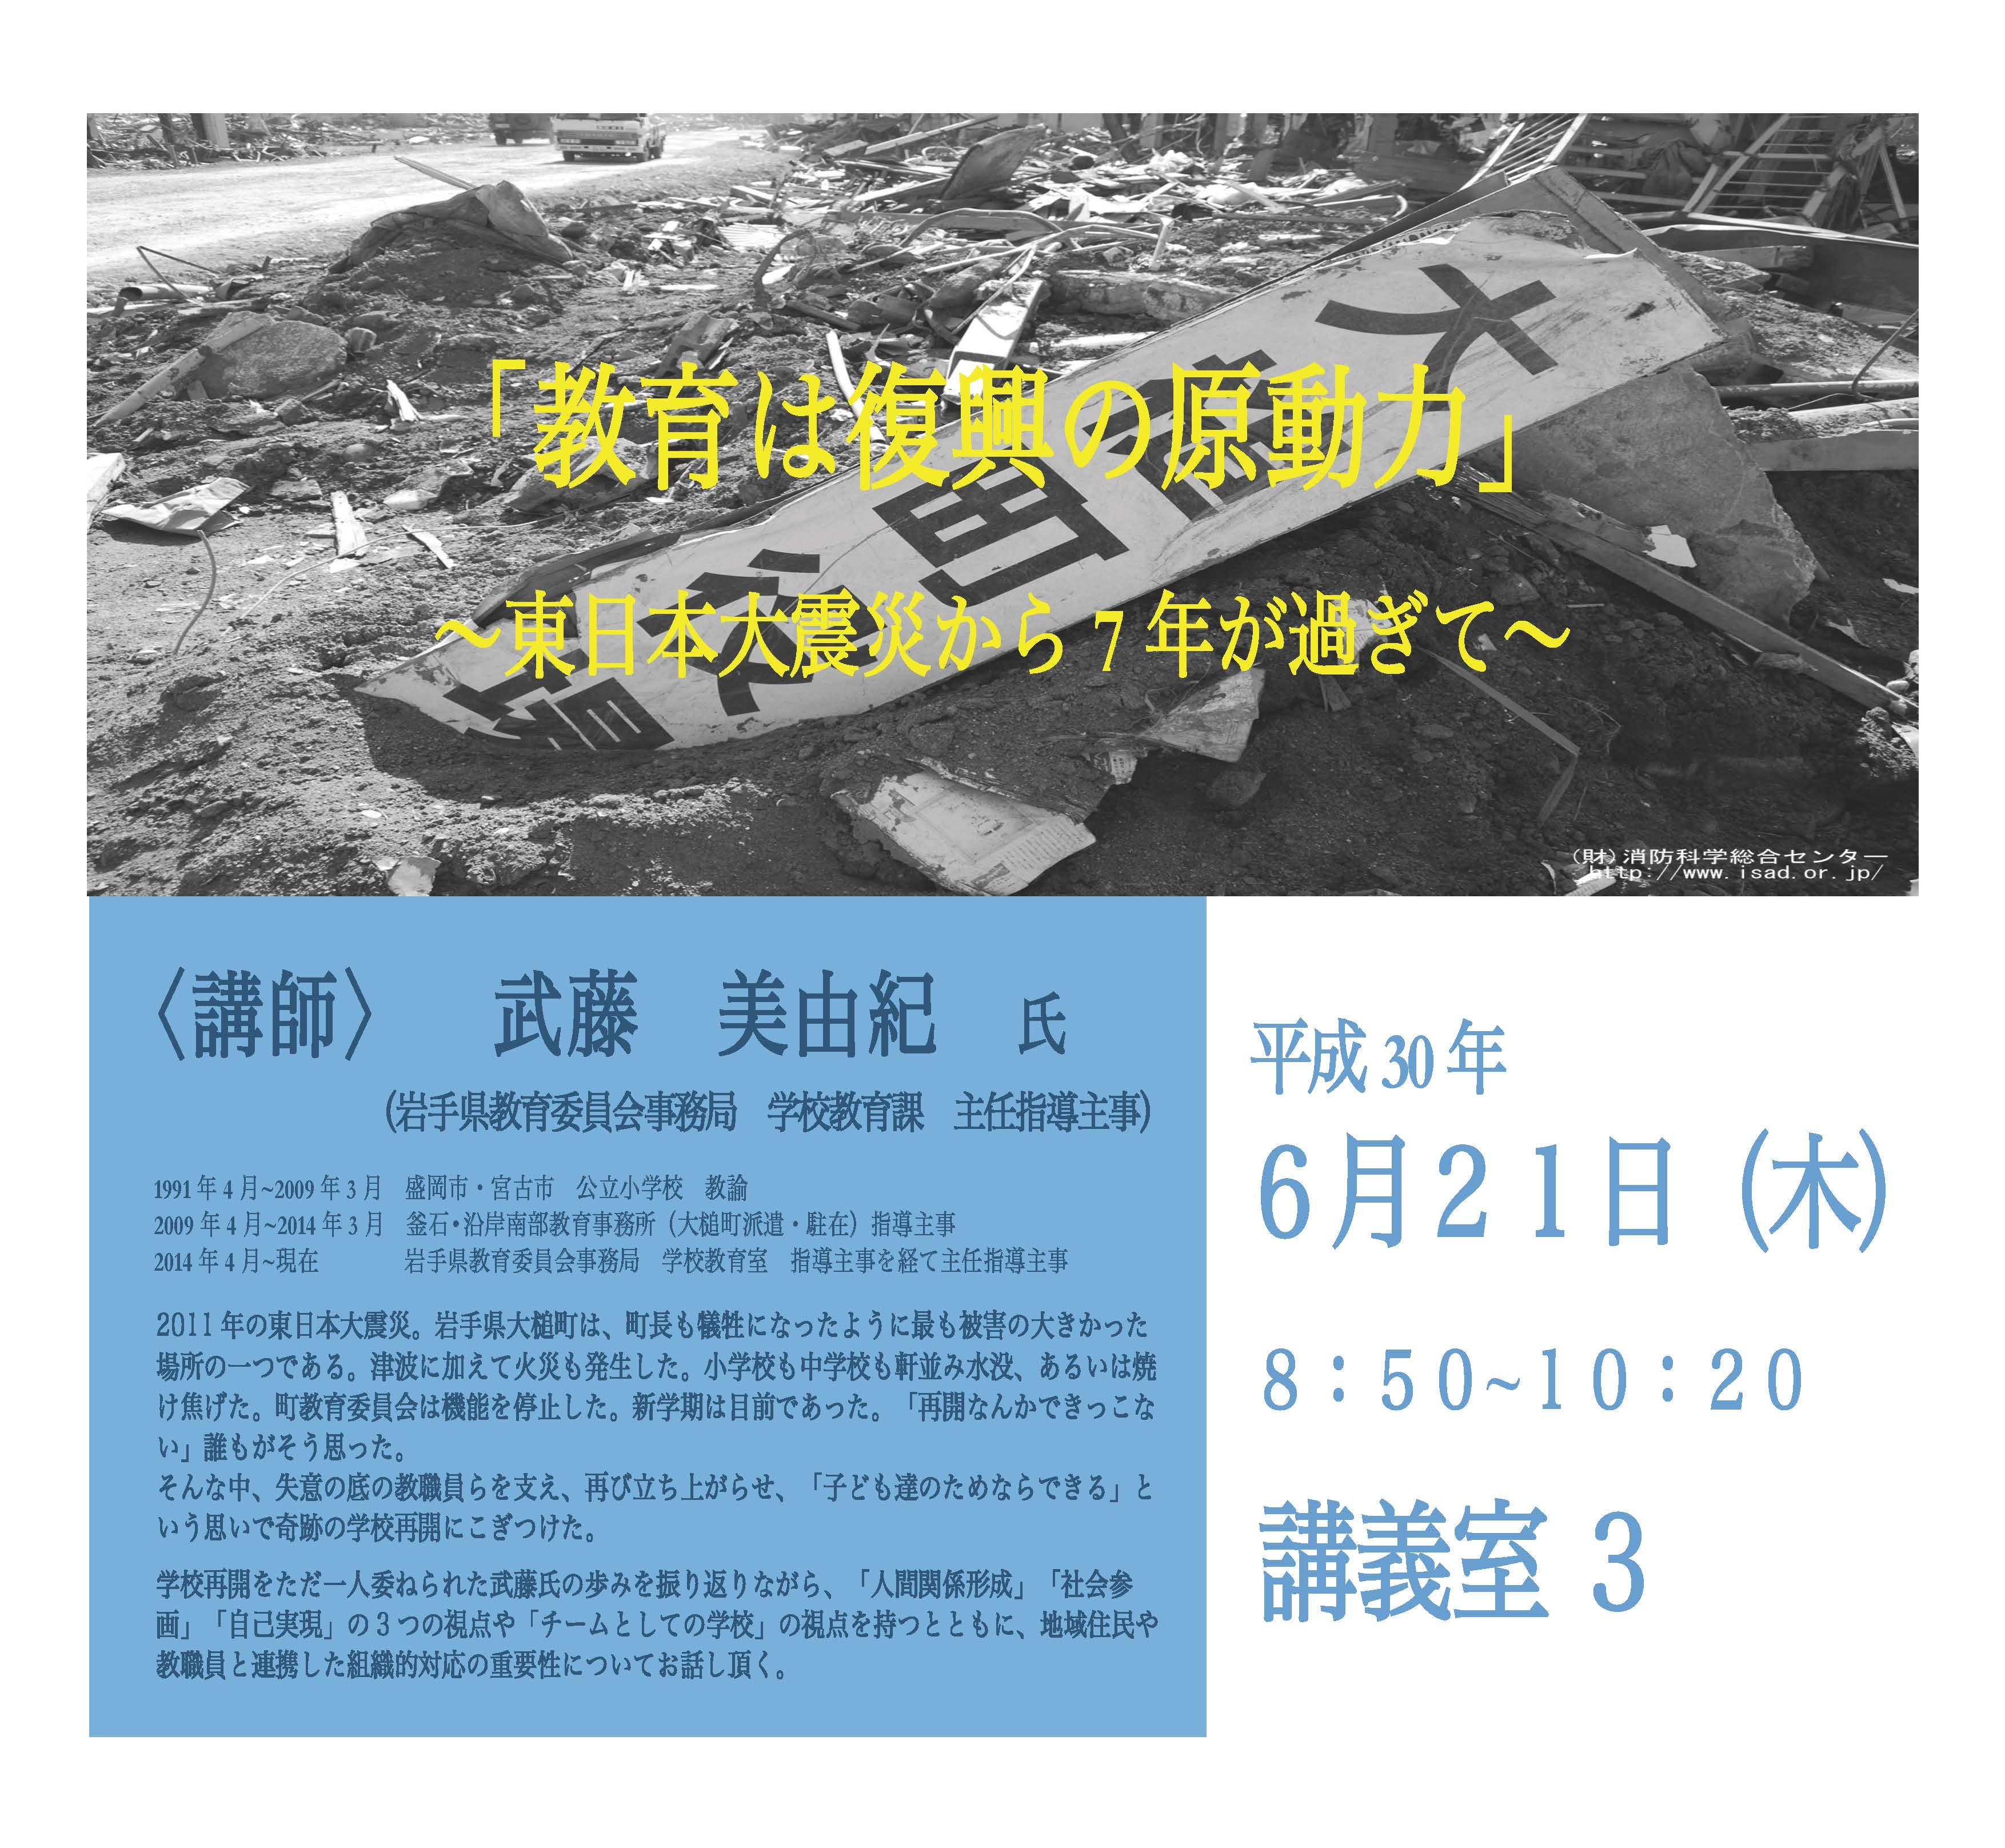 美術教育センター特別講義「教育は復興の原動力~東日本大震災から7年が過ぎて~」